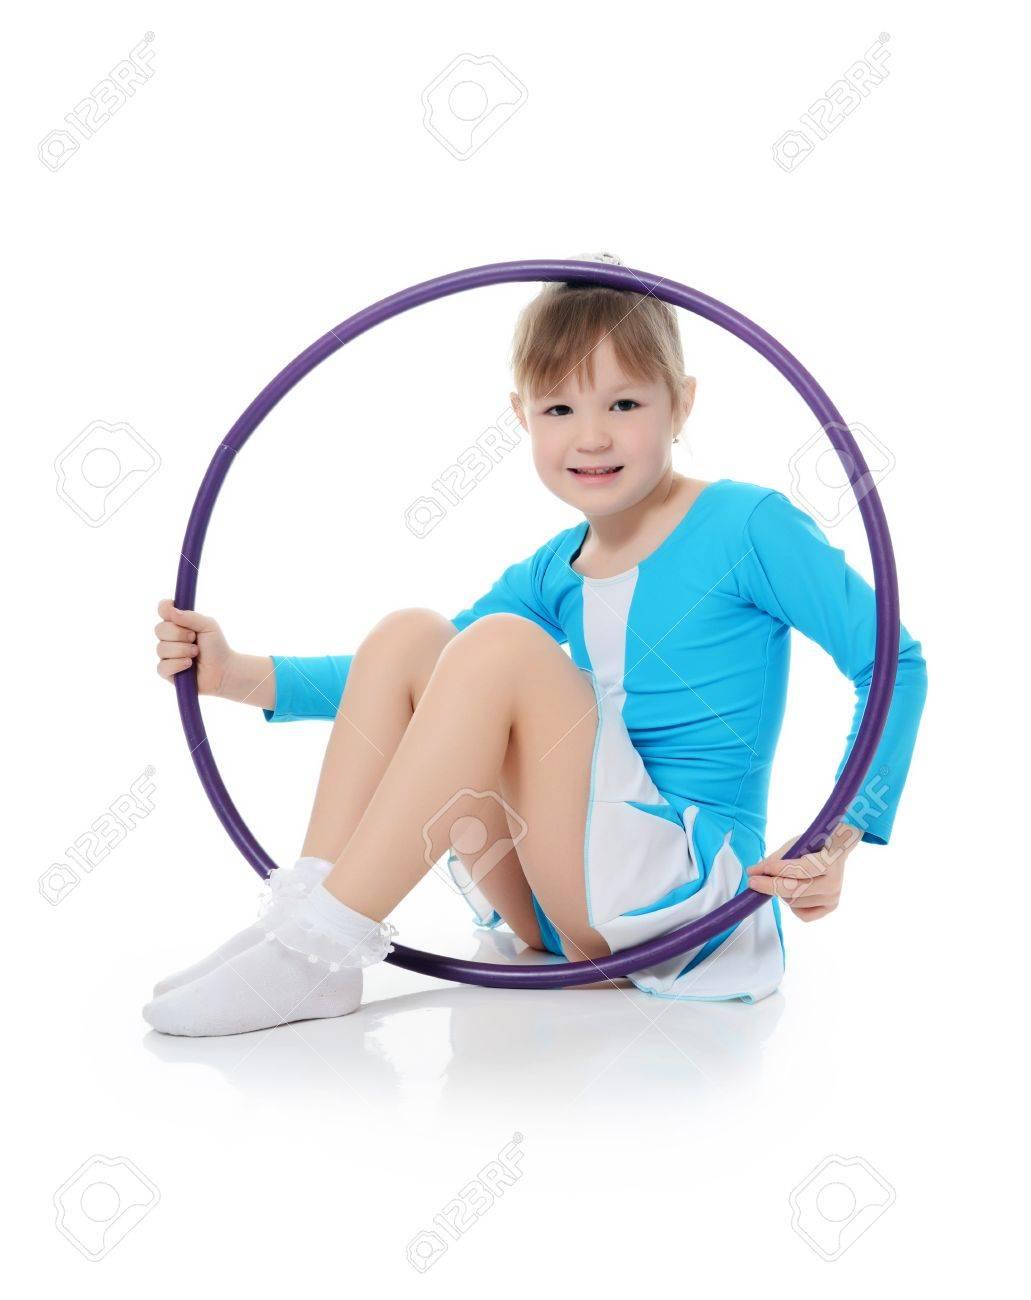 gymnastic girl